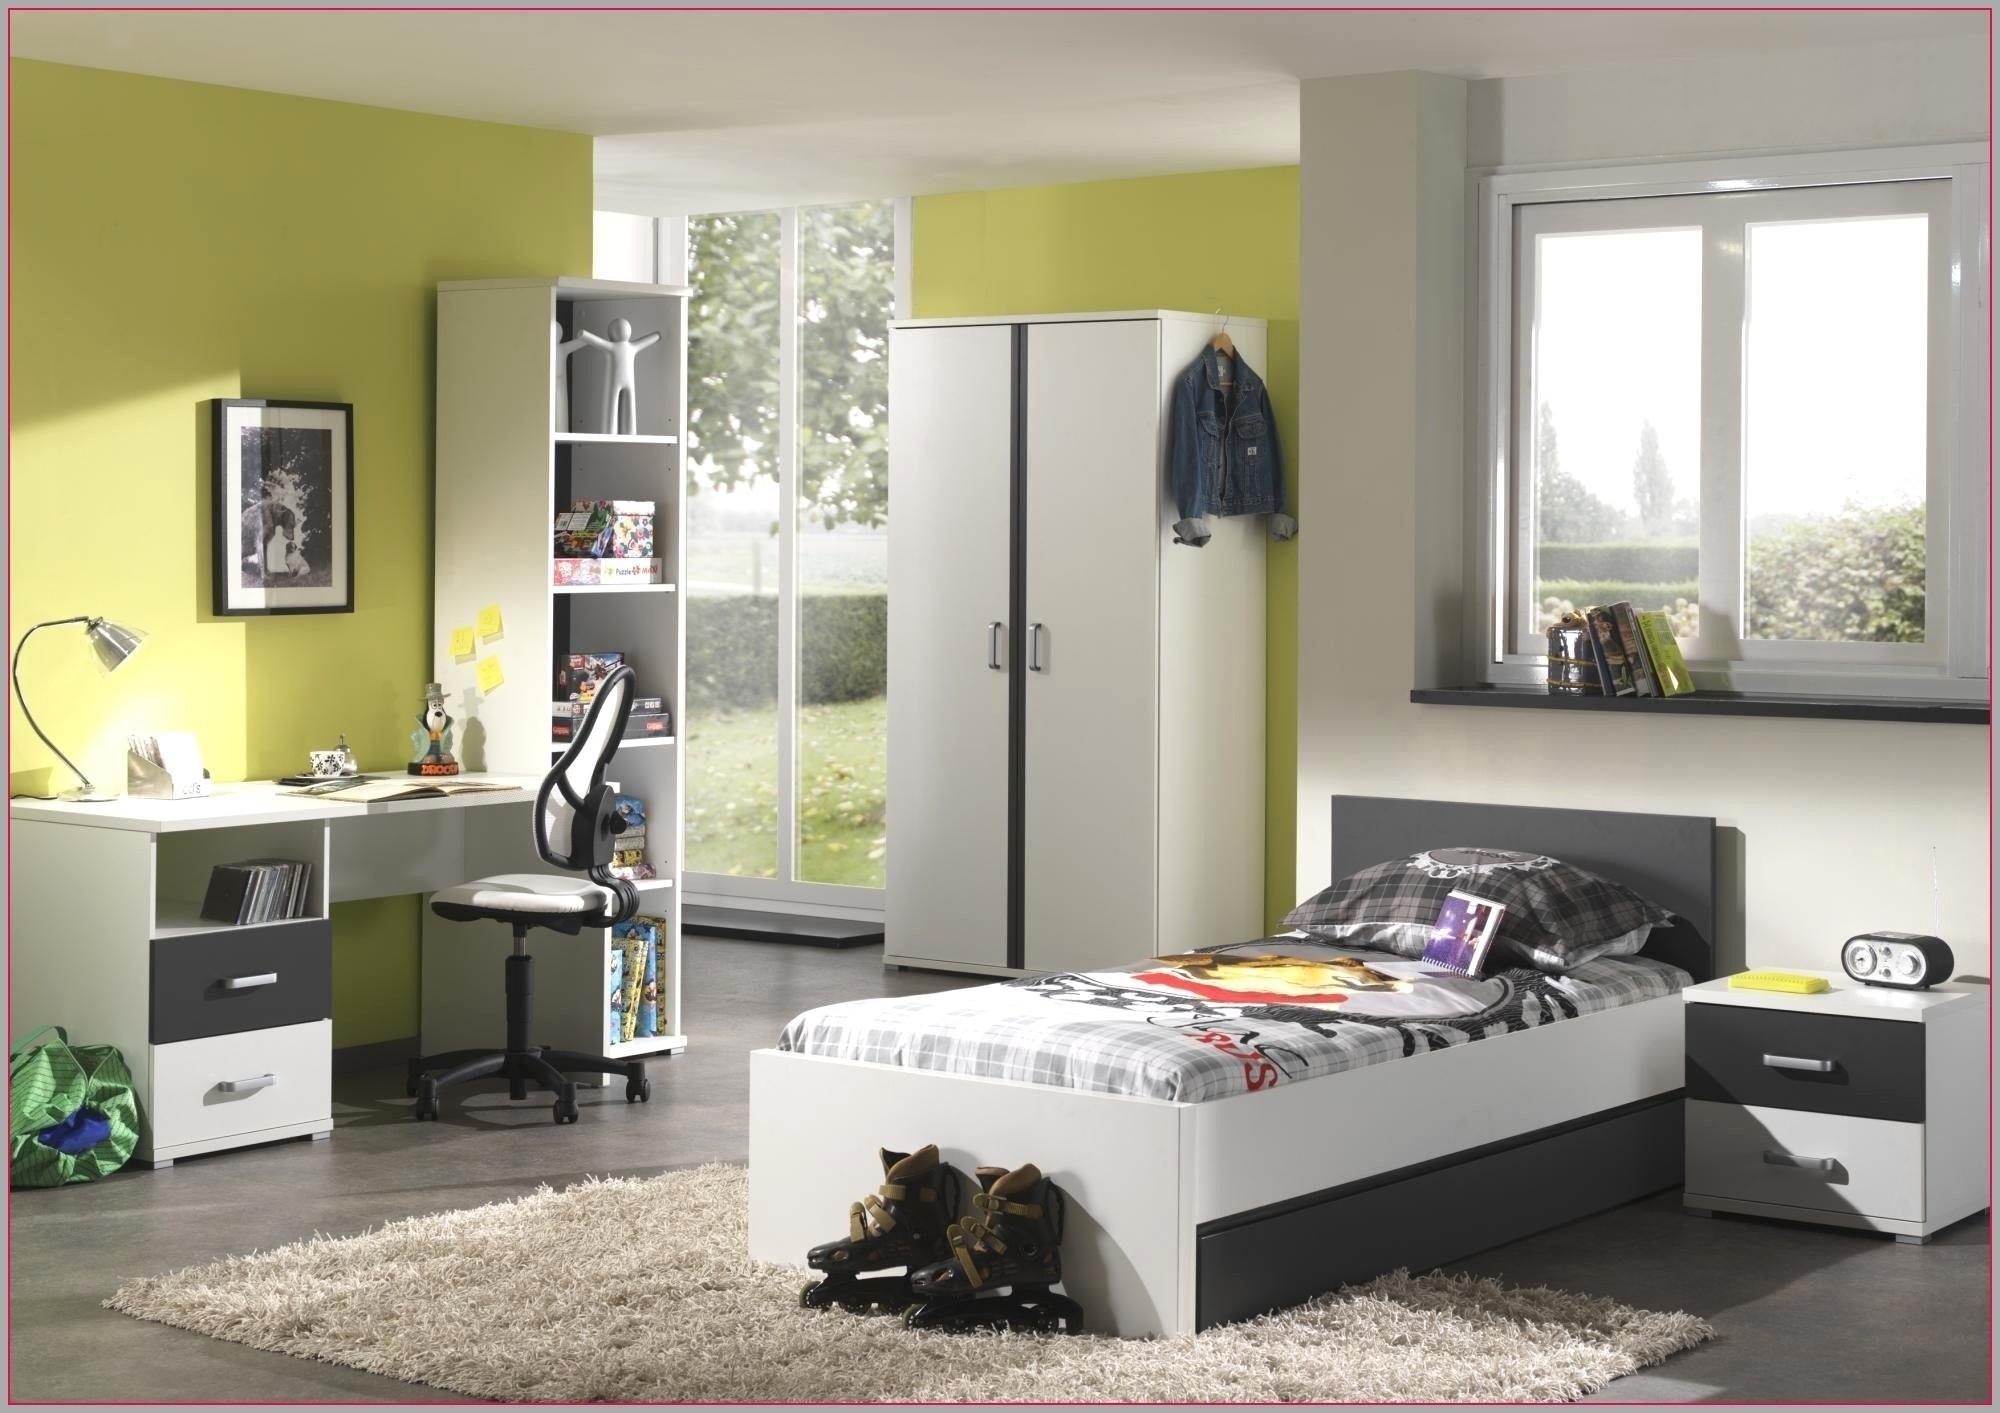 Lit Gigogne 2 Places Conforama Inspirant Photos Matelas Design Exceptionnel Matelas Lit Gigogne élégant Lit